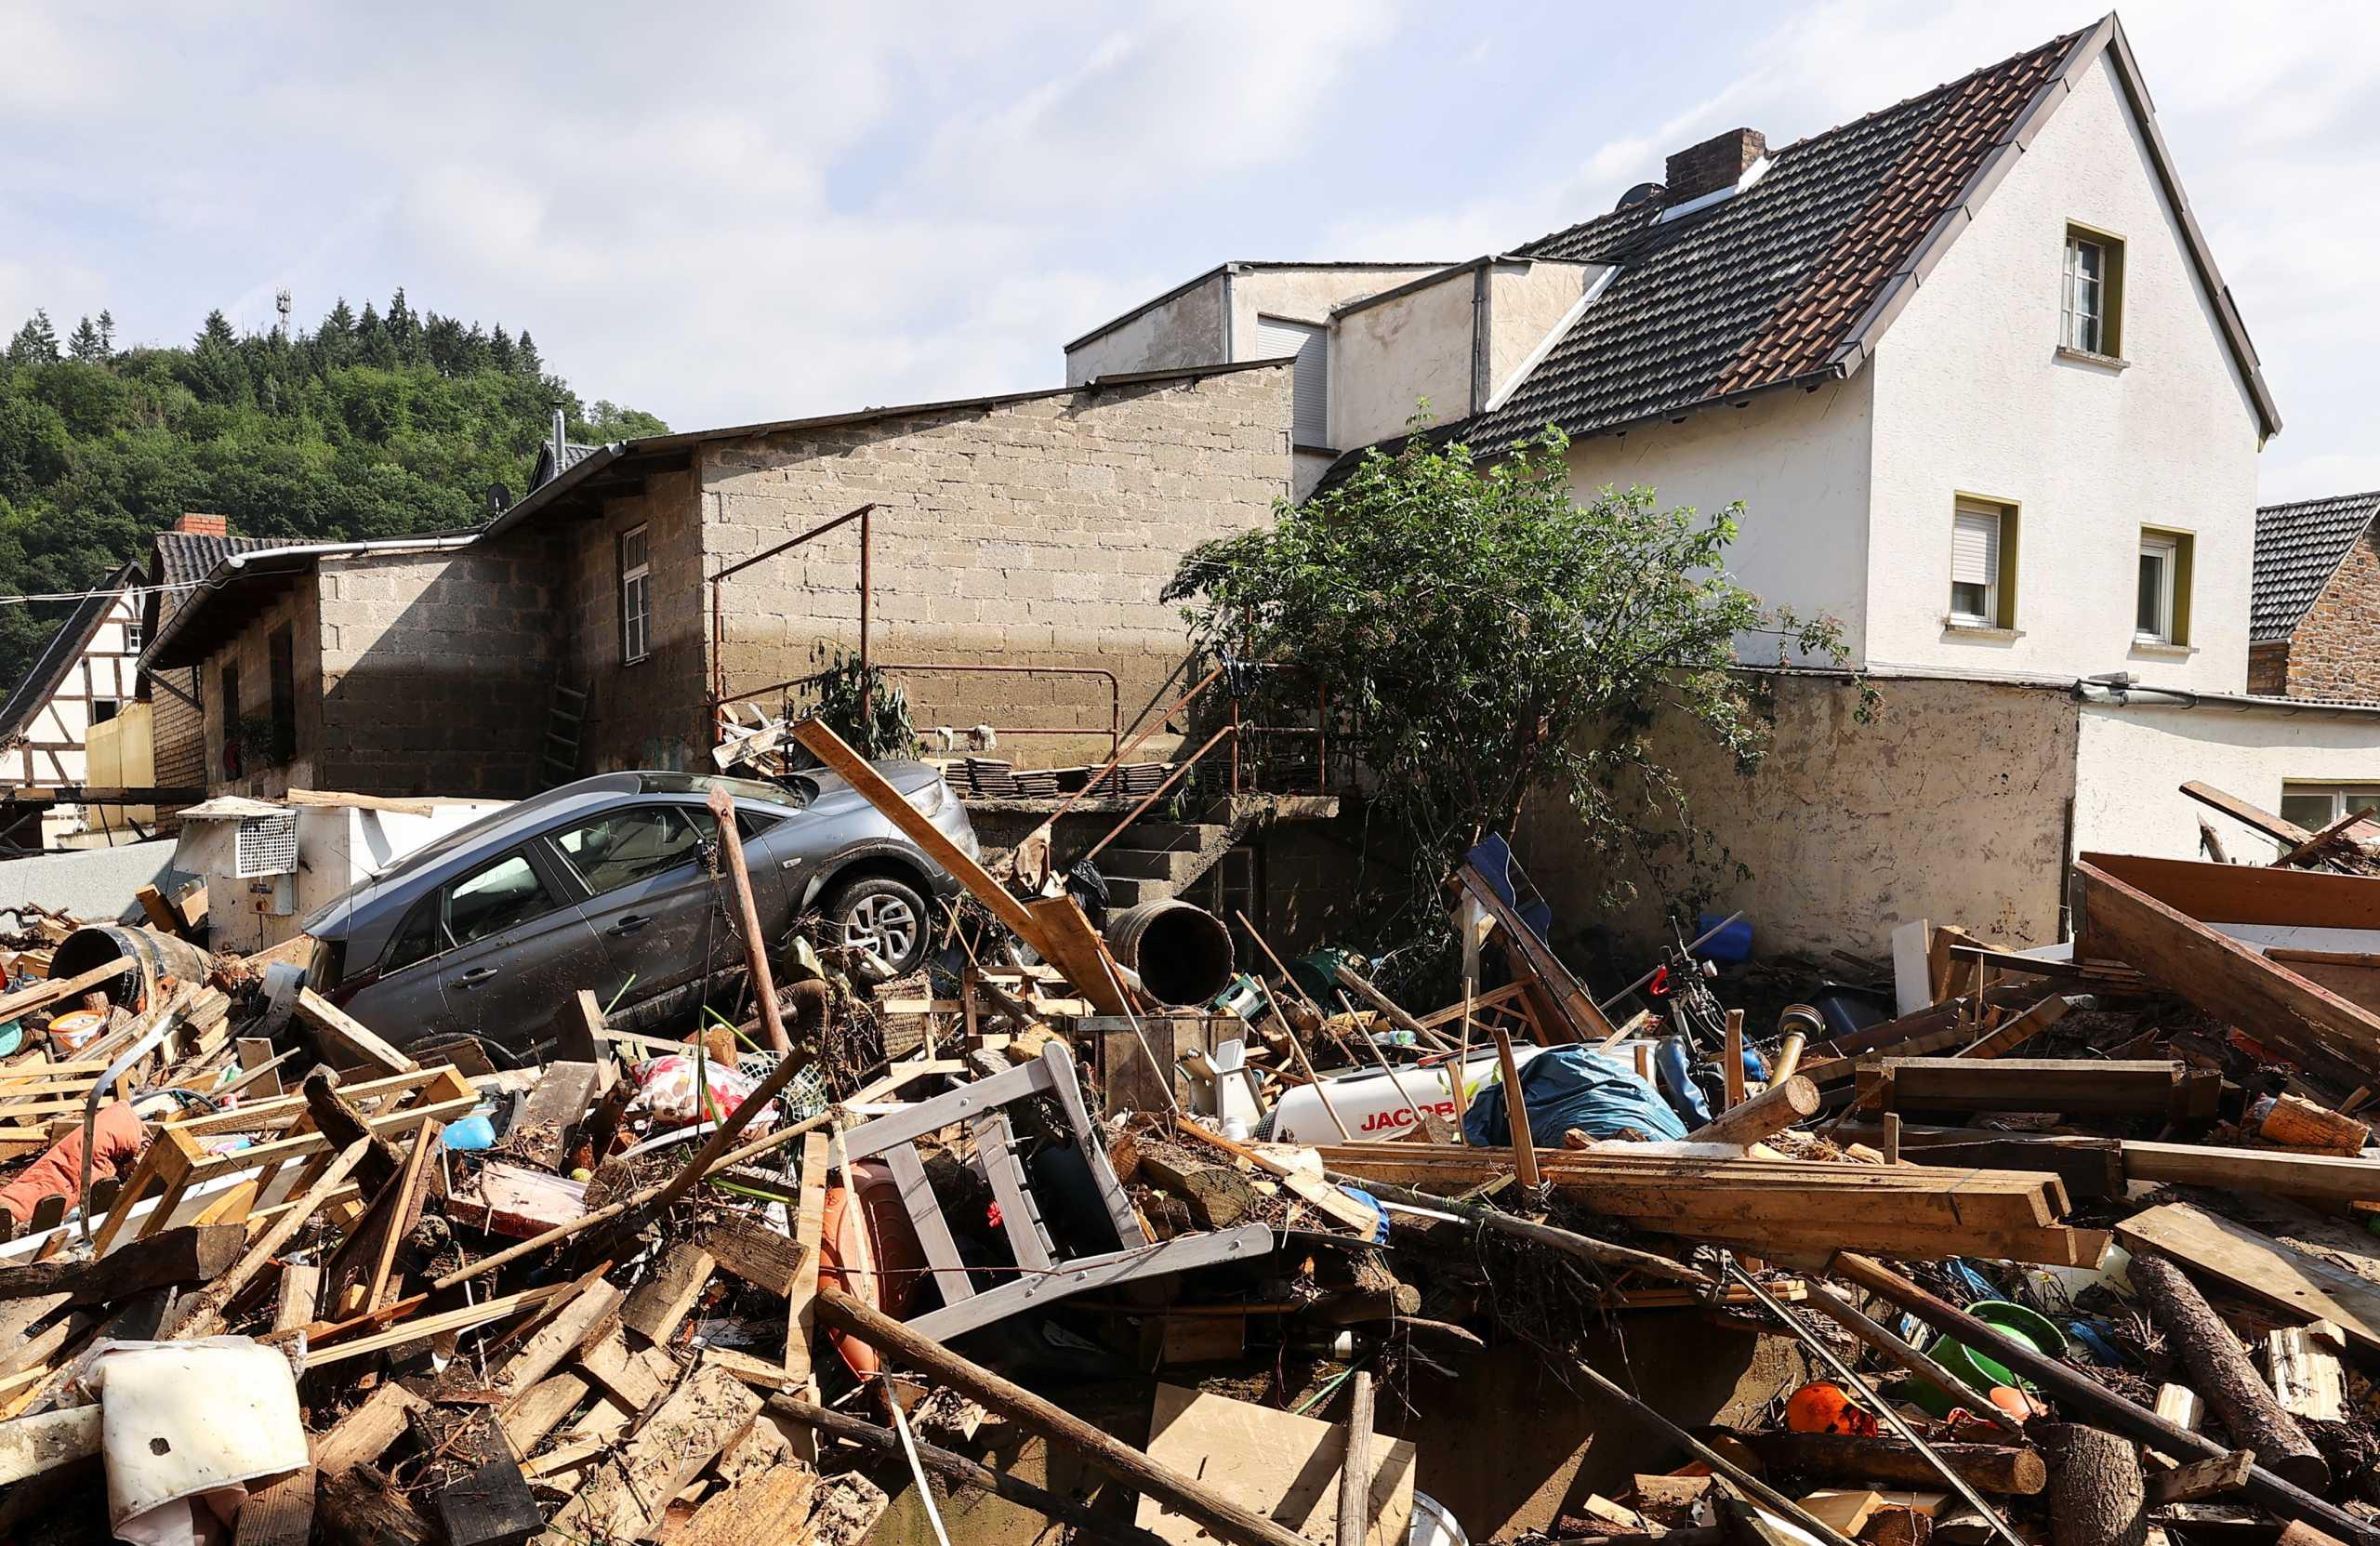 Πλημμύρες στη Γερμανία: Ελάχιστες πιθανότητες να βρεθούν επιζώντες